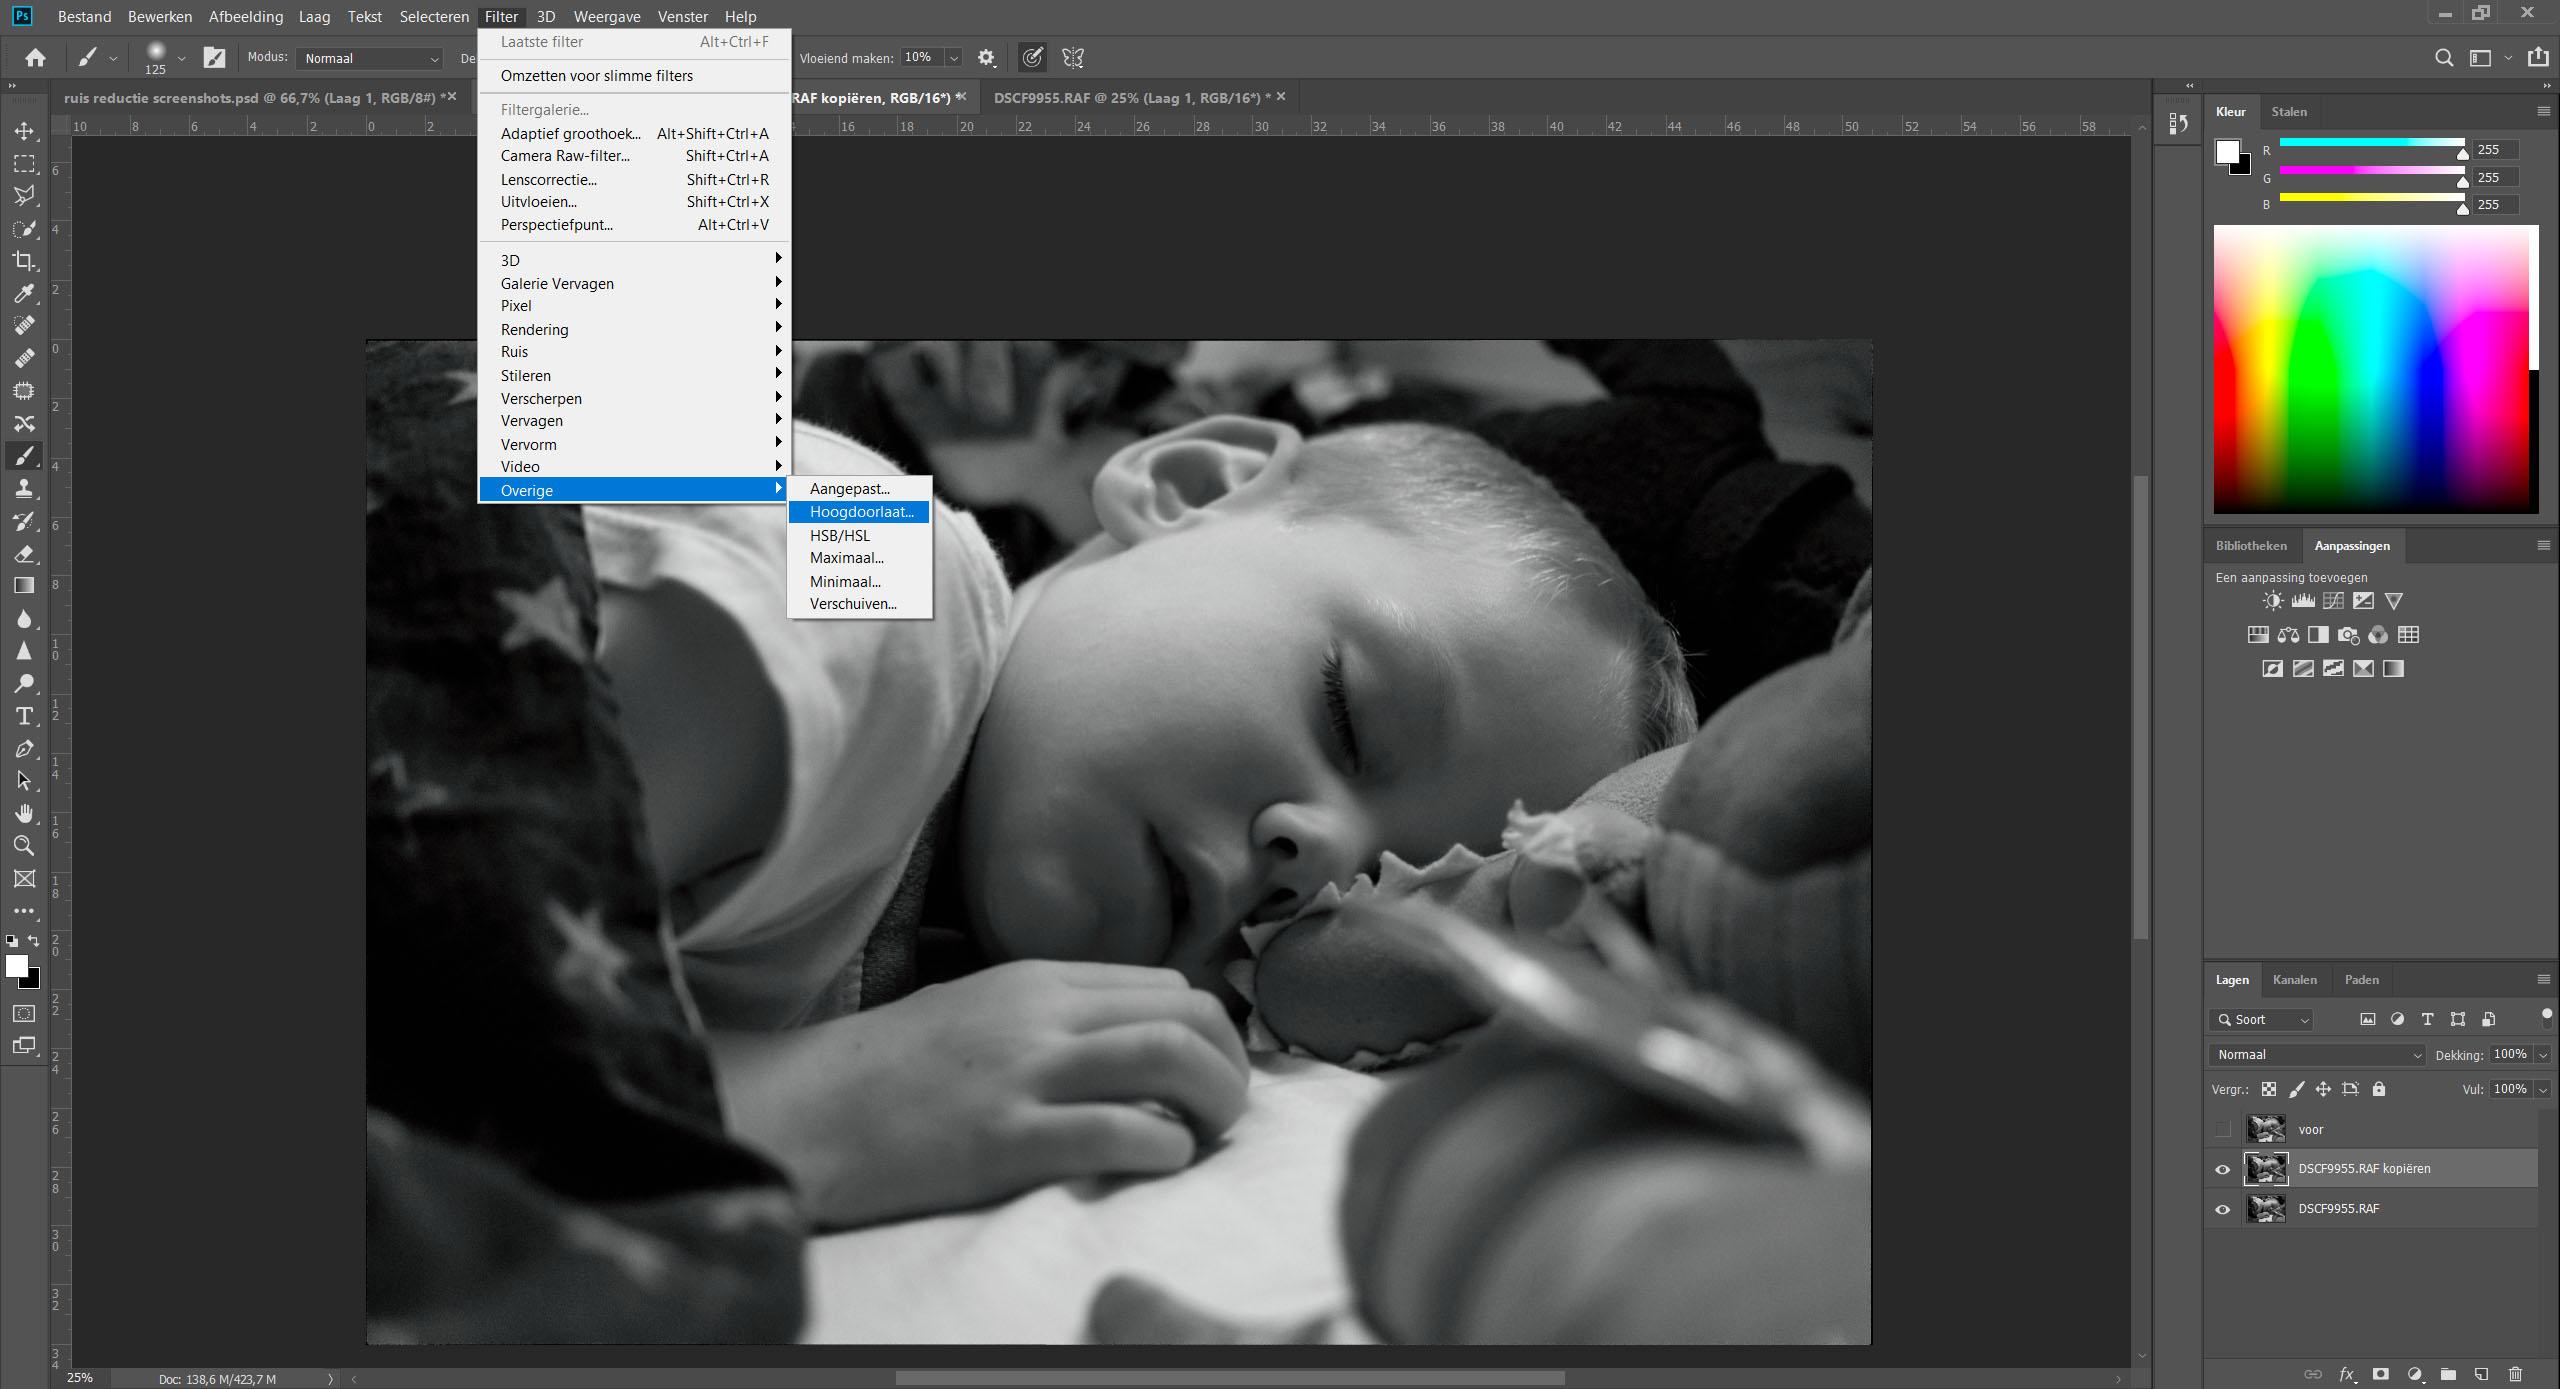 Voorbeeld van verscherpen in photoshop